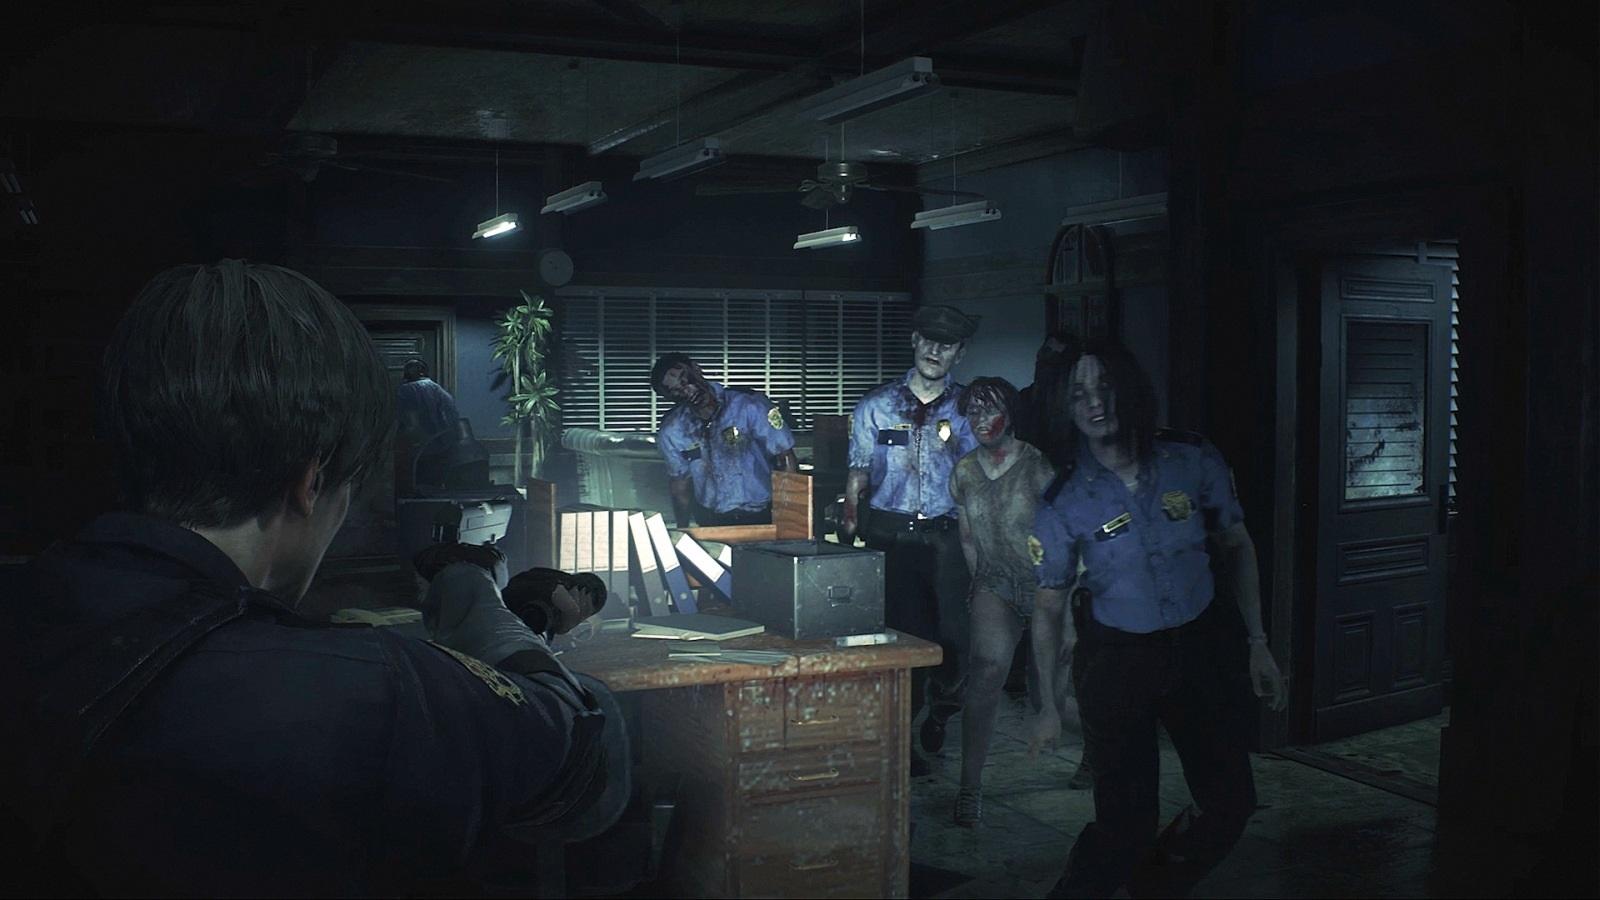 Nejočekávanější hry roku 2019; Resident Evil 2, screenshot: zástupy